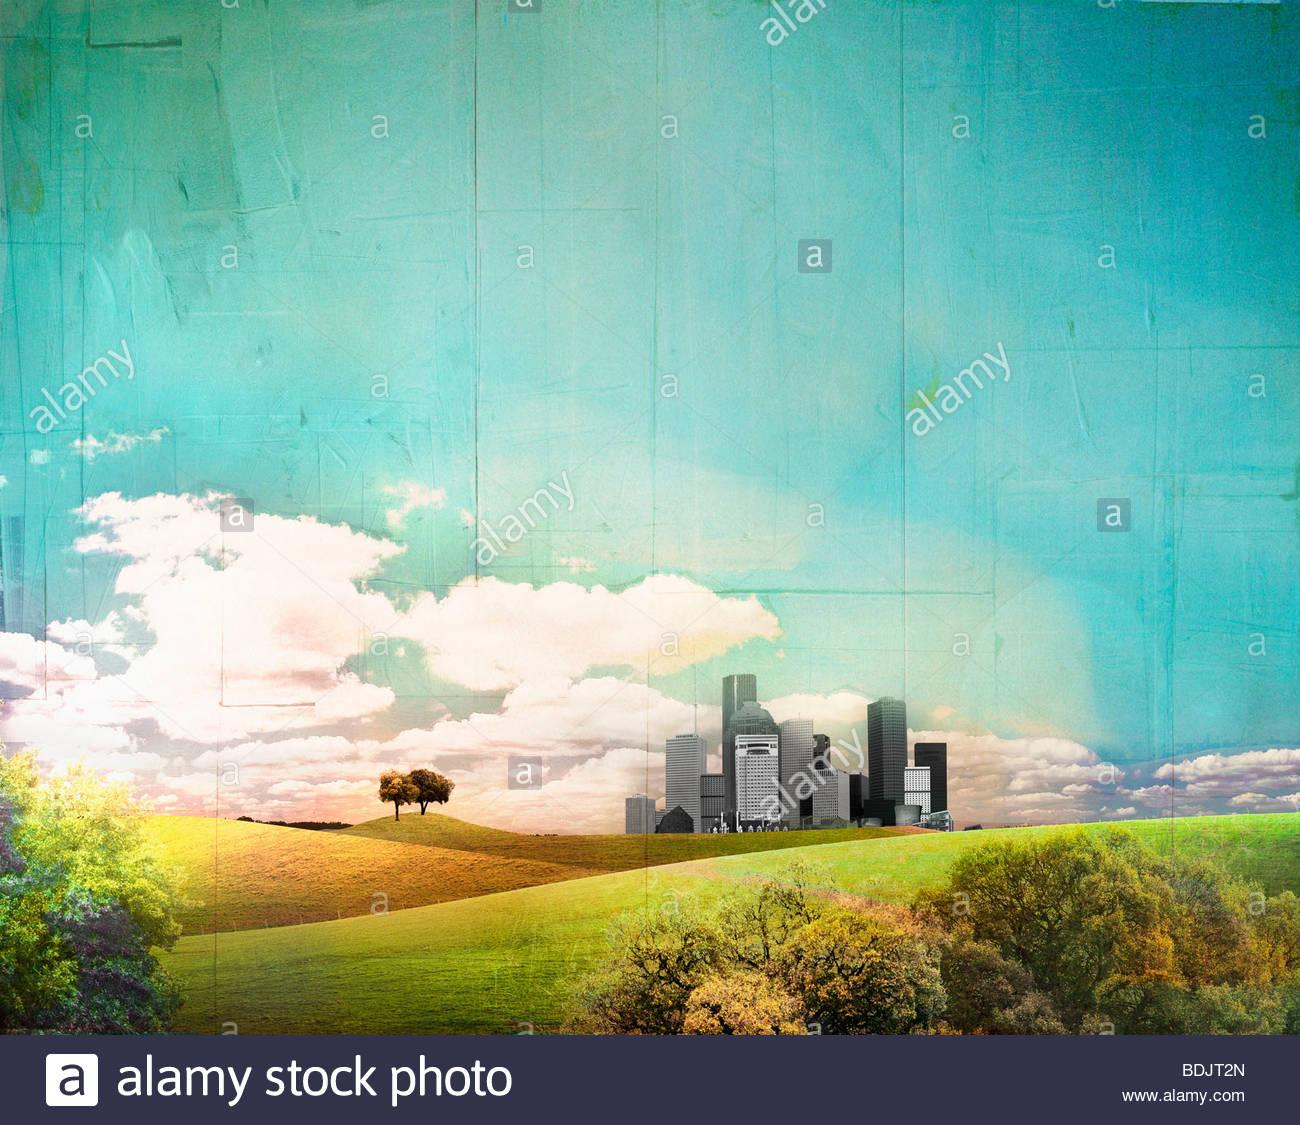 Paisaje lejano detrás de paisaje ondulado Imagen De Stock